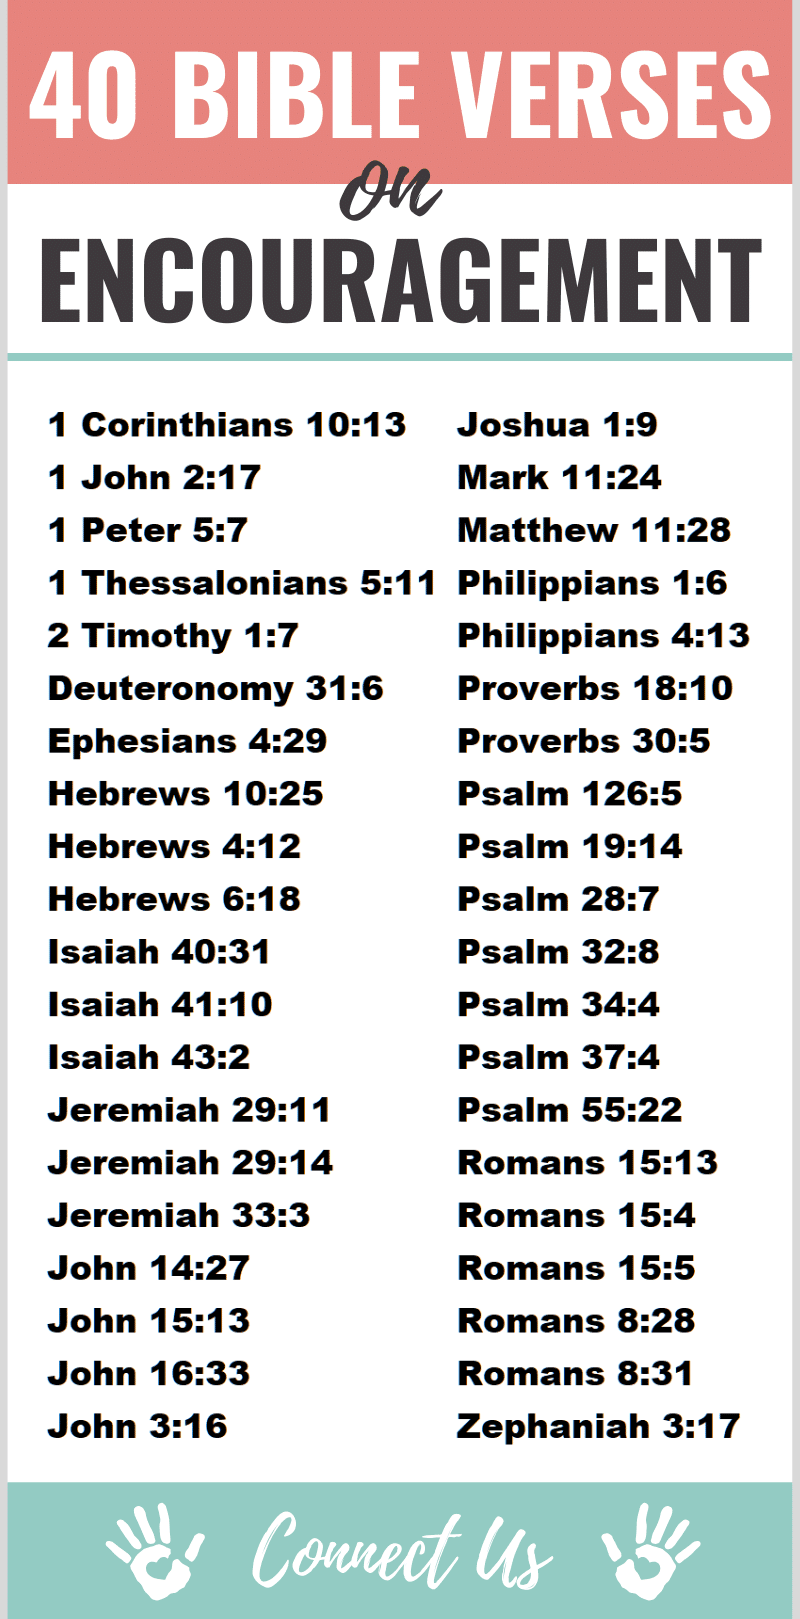 Bible Verses on Encouragement